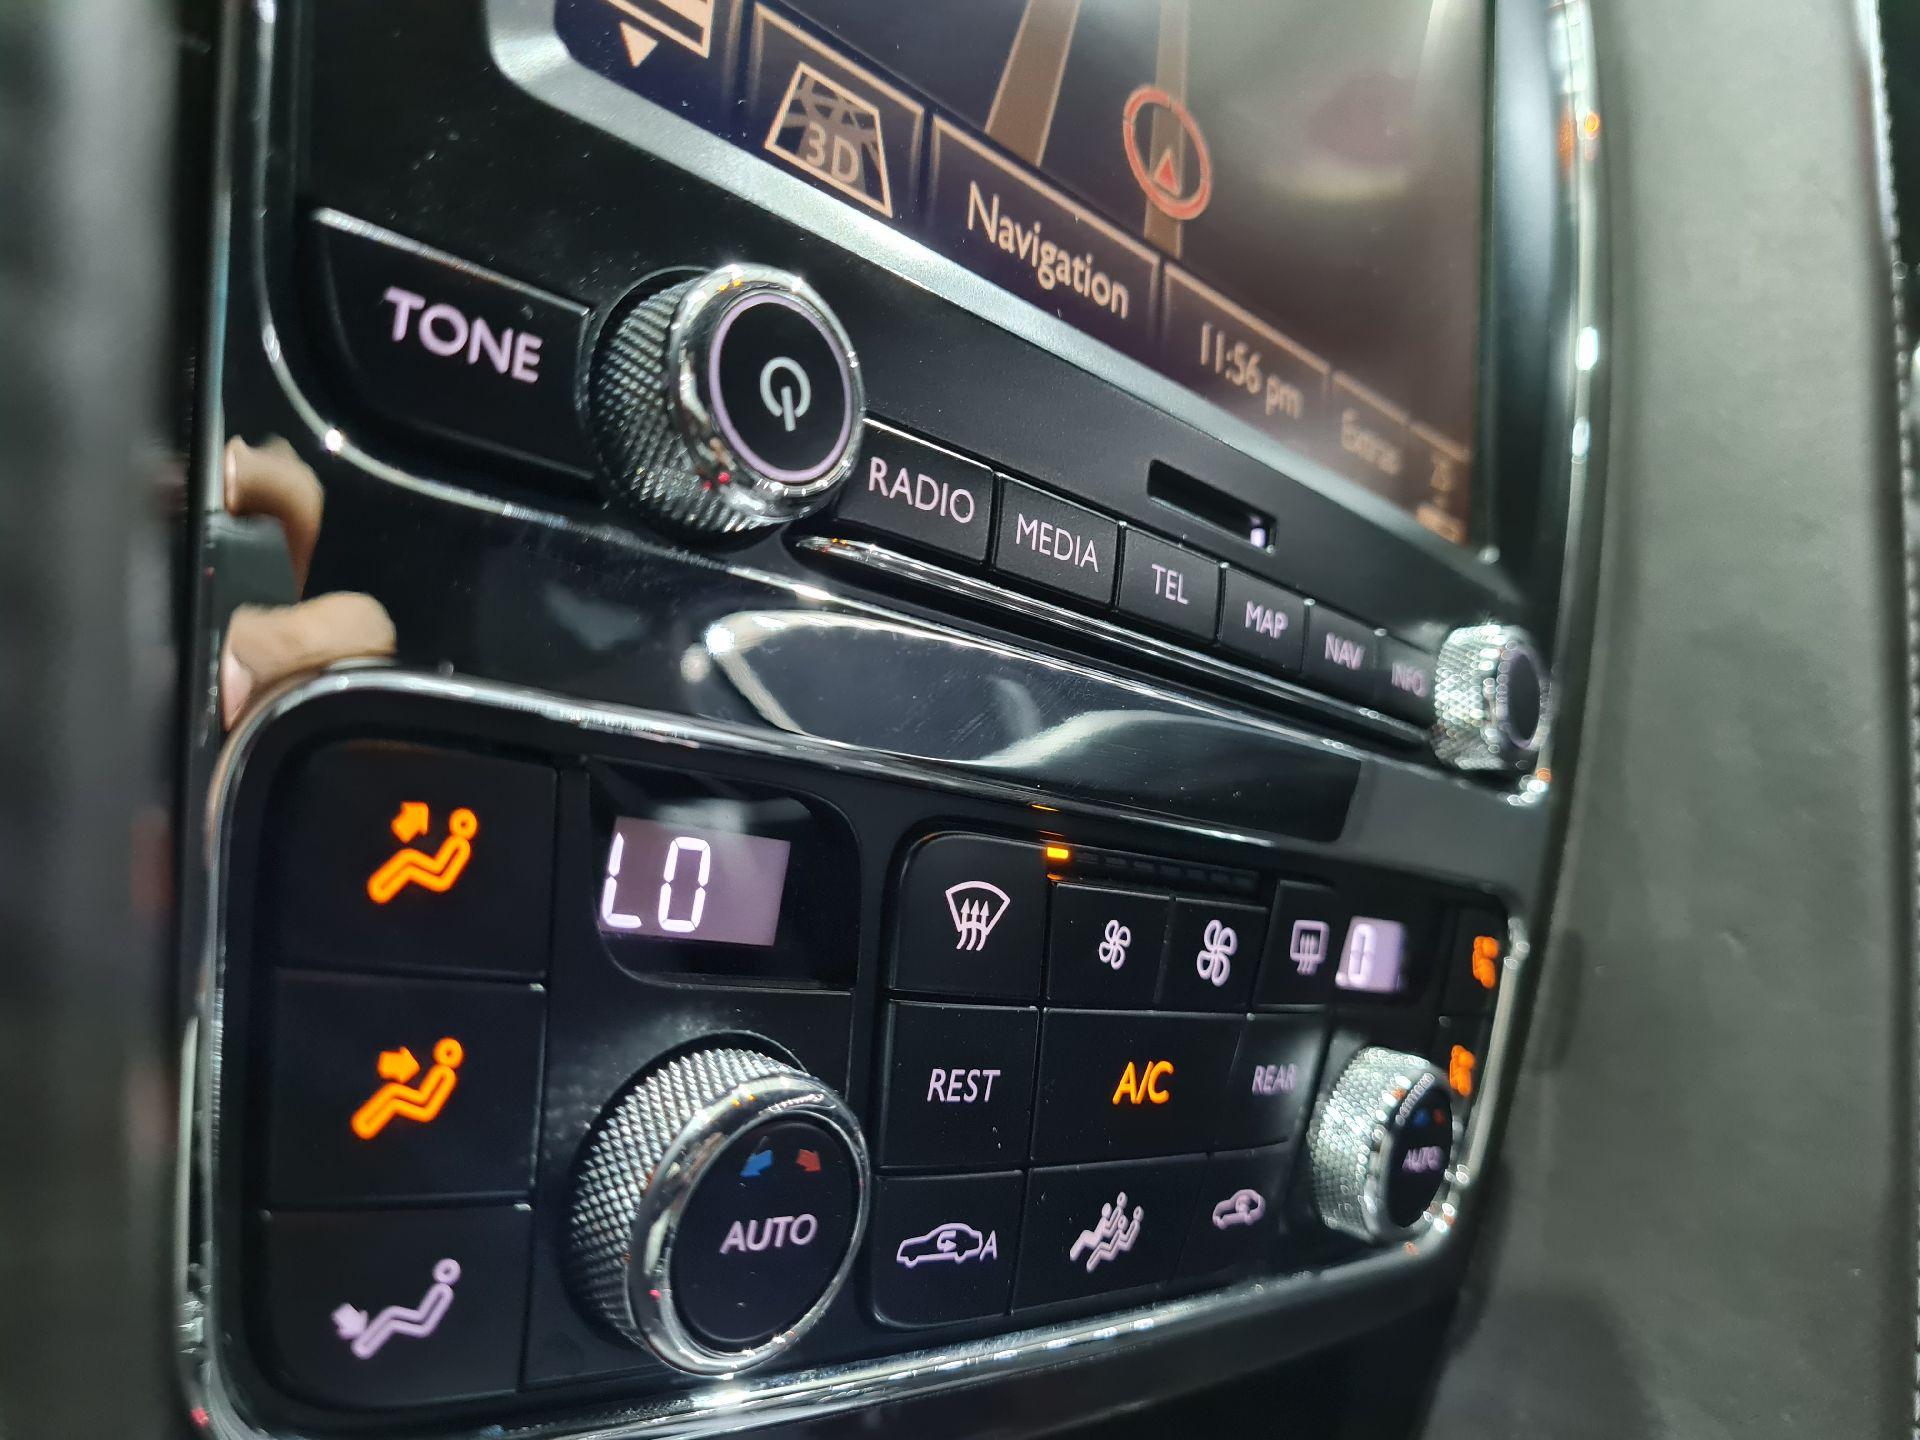 بنتلي كونتيننتال GT جي تي 2013 سعودي للبيع في الرياض - السعودية - صورة كبيرة - 14